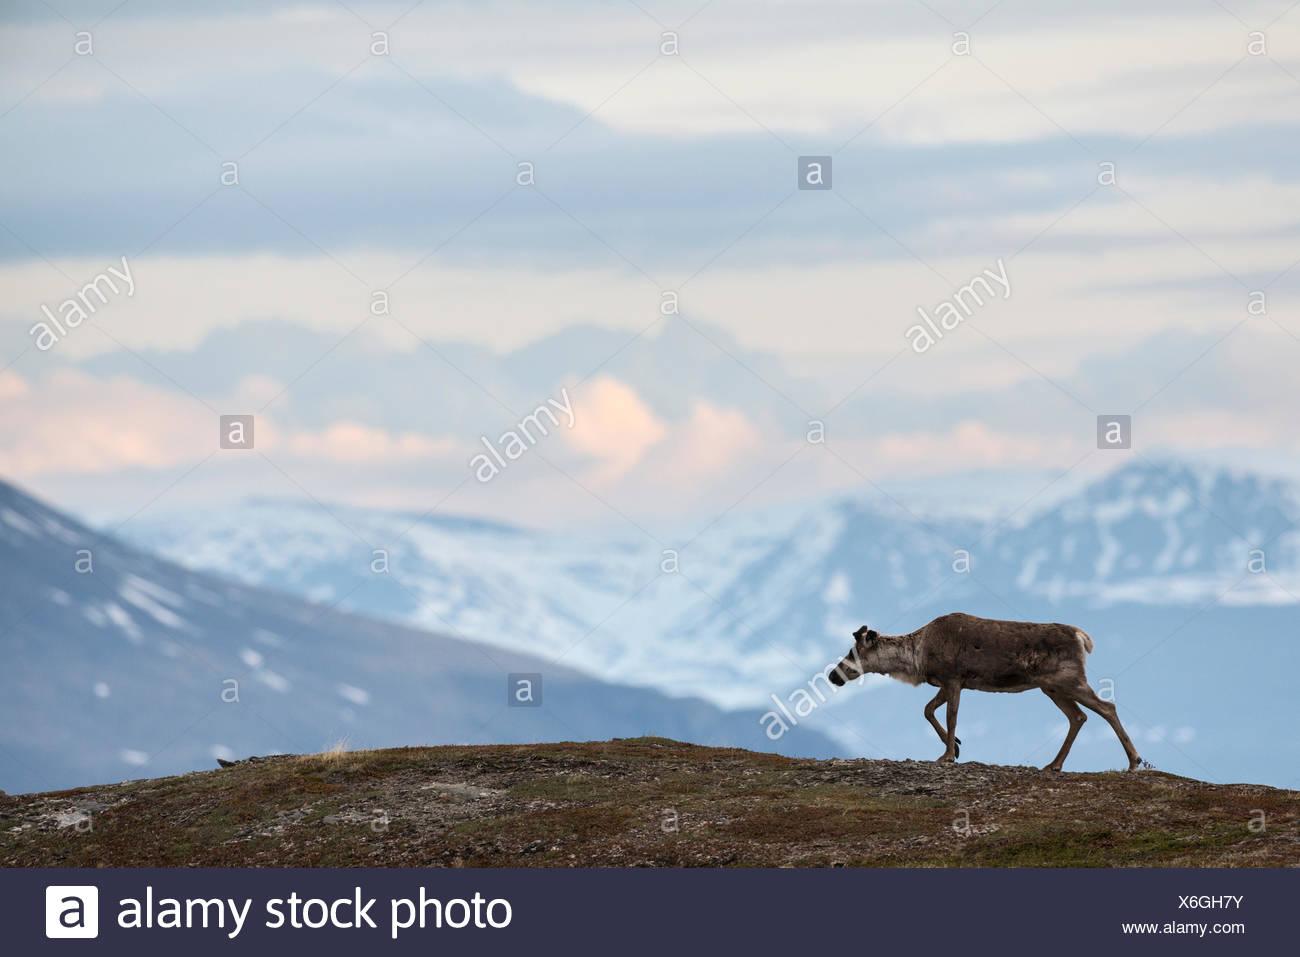 Reindeer, Rangifer tarandus, walking in mountain landscape. - Stock Image